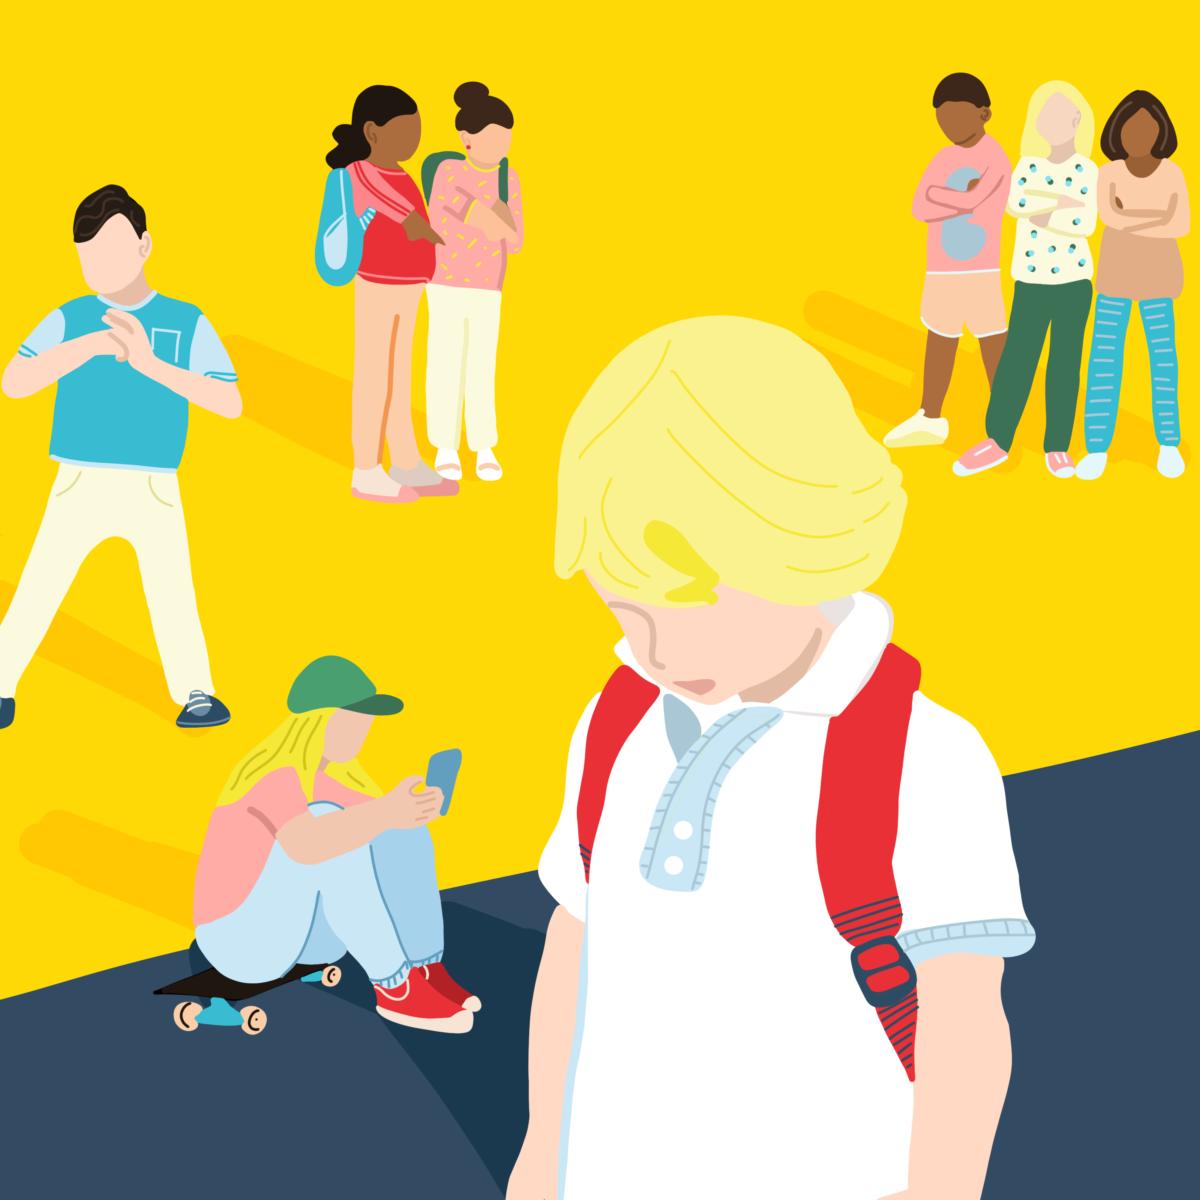 Νίκη Κεραμέως: Έτσι θα περιοριστεί το bullying στα σχολεία – Ο ρόλος του δασκάλου εμπιστοσύνης